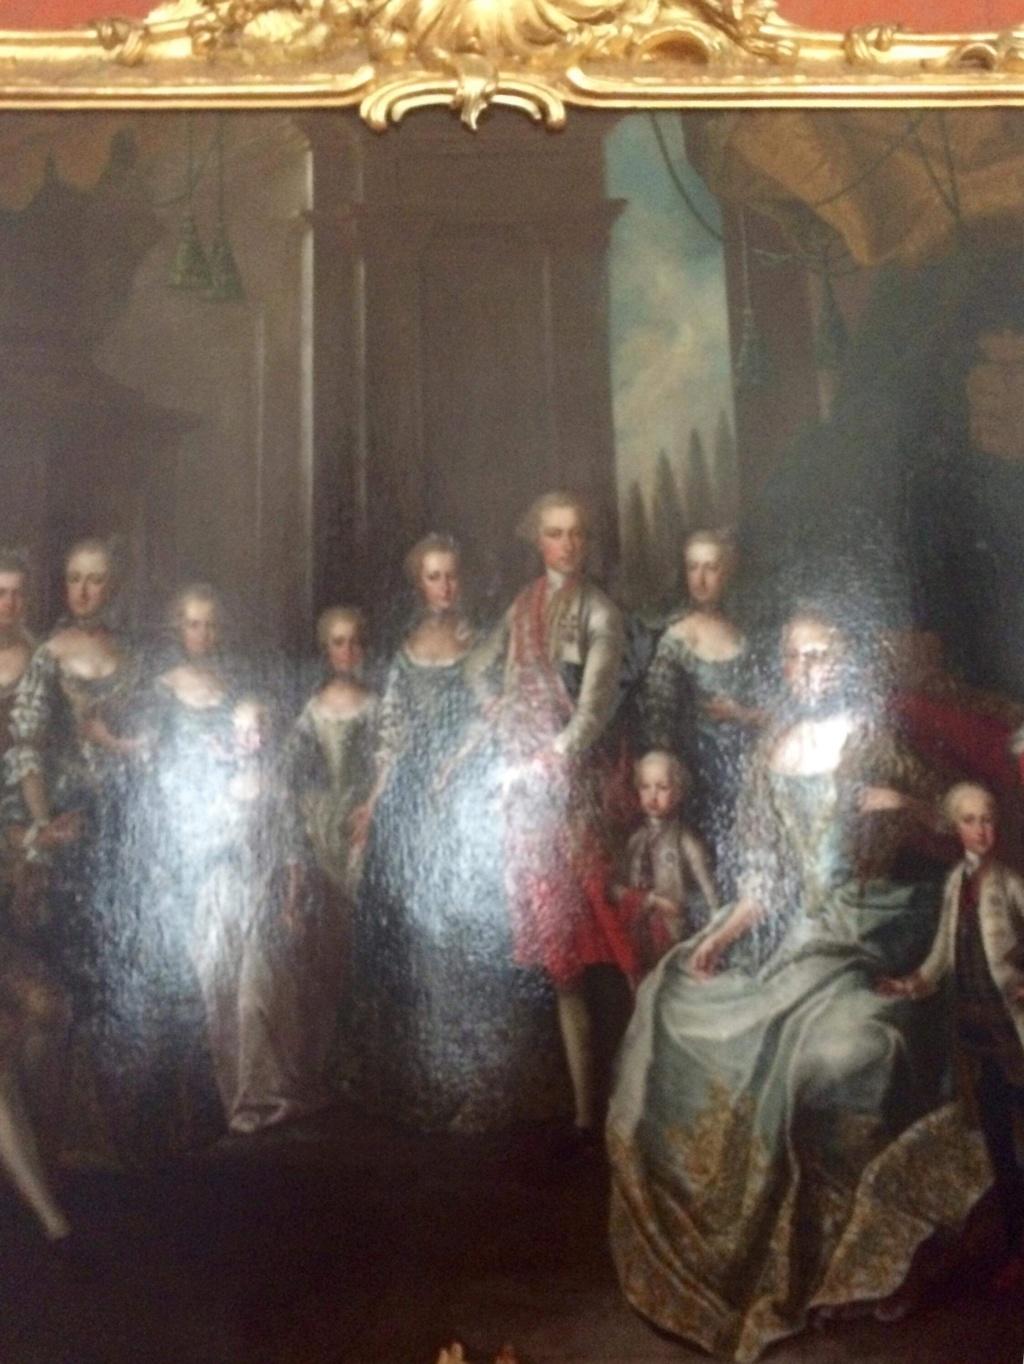 En visite à Prague pour l'impératrice Marie-Thérèse, l'empereur Joseph II, Marie-Thérèse Charlotte de France, le roi français Charles X et la famille française Rohan-Guémen,president France E. Macron. - Page 20 Img_1625